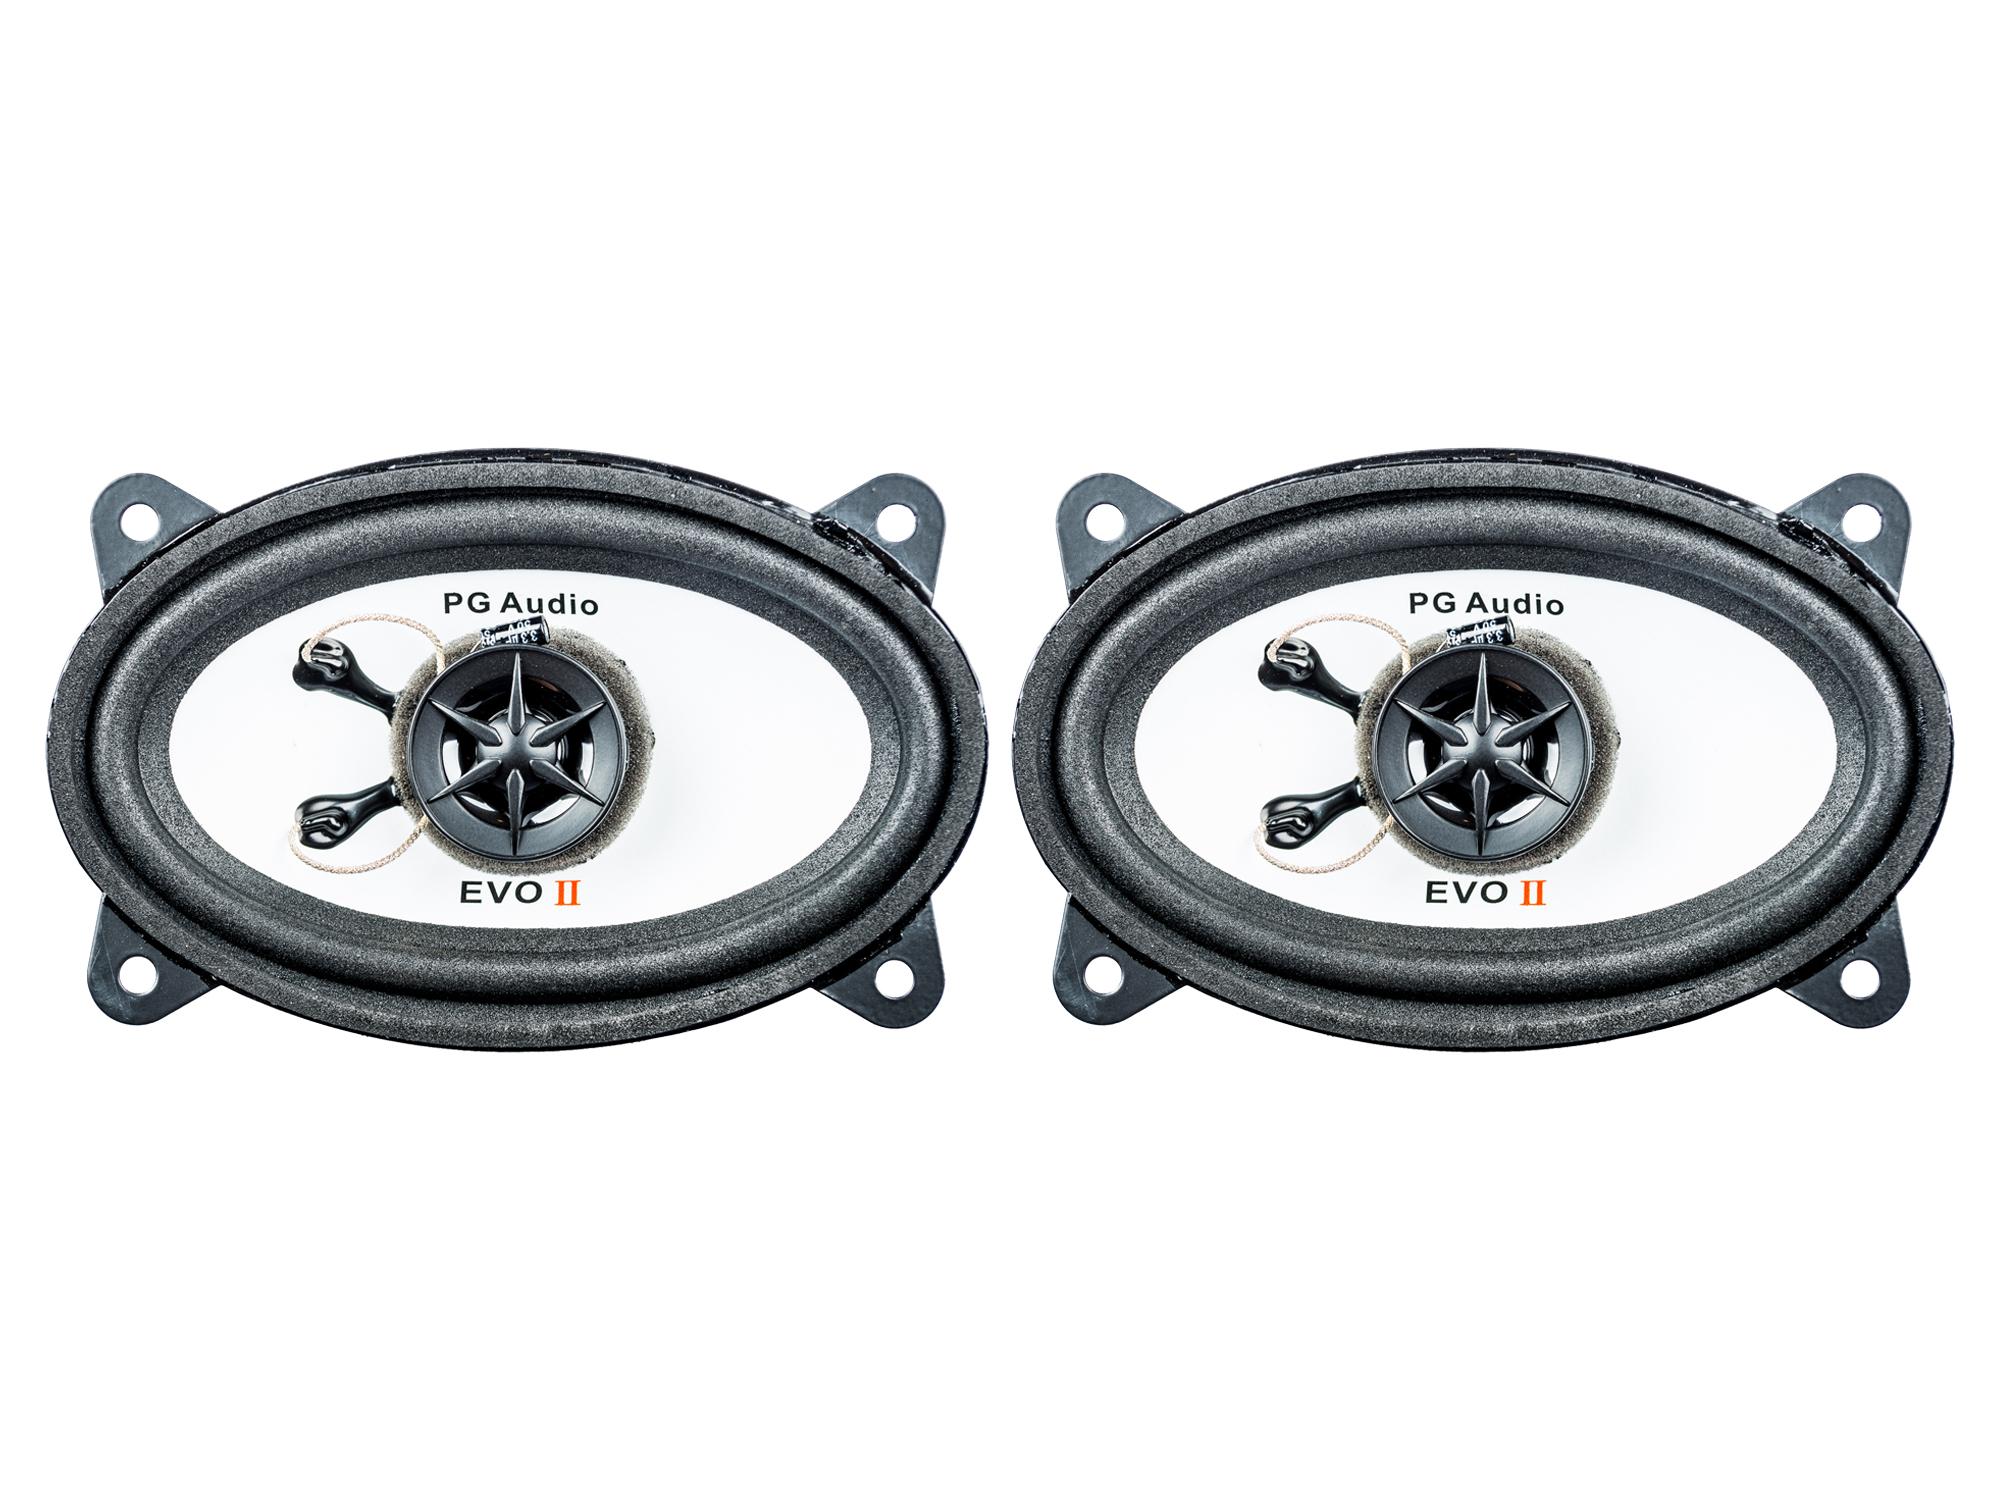 [Paket] Lautsprecher 4x6 Zoll BMW 3er,5er,7er, Chevrolet Aveo,Kalos und K-Serie